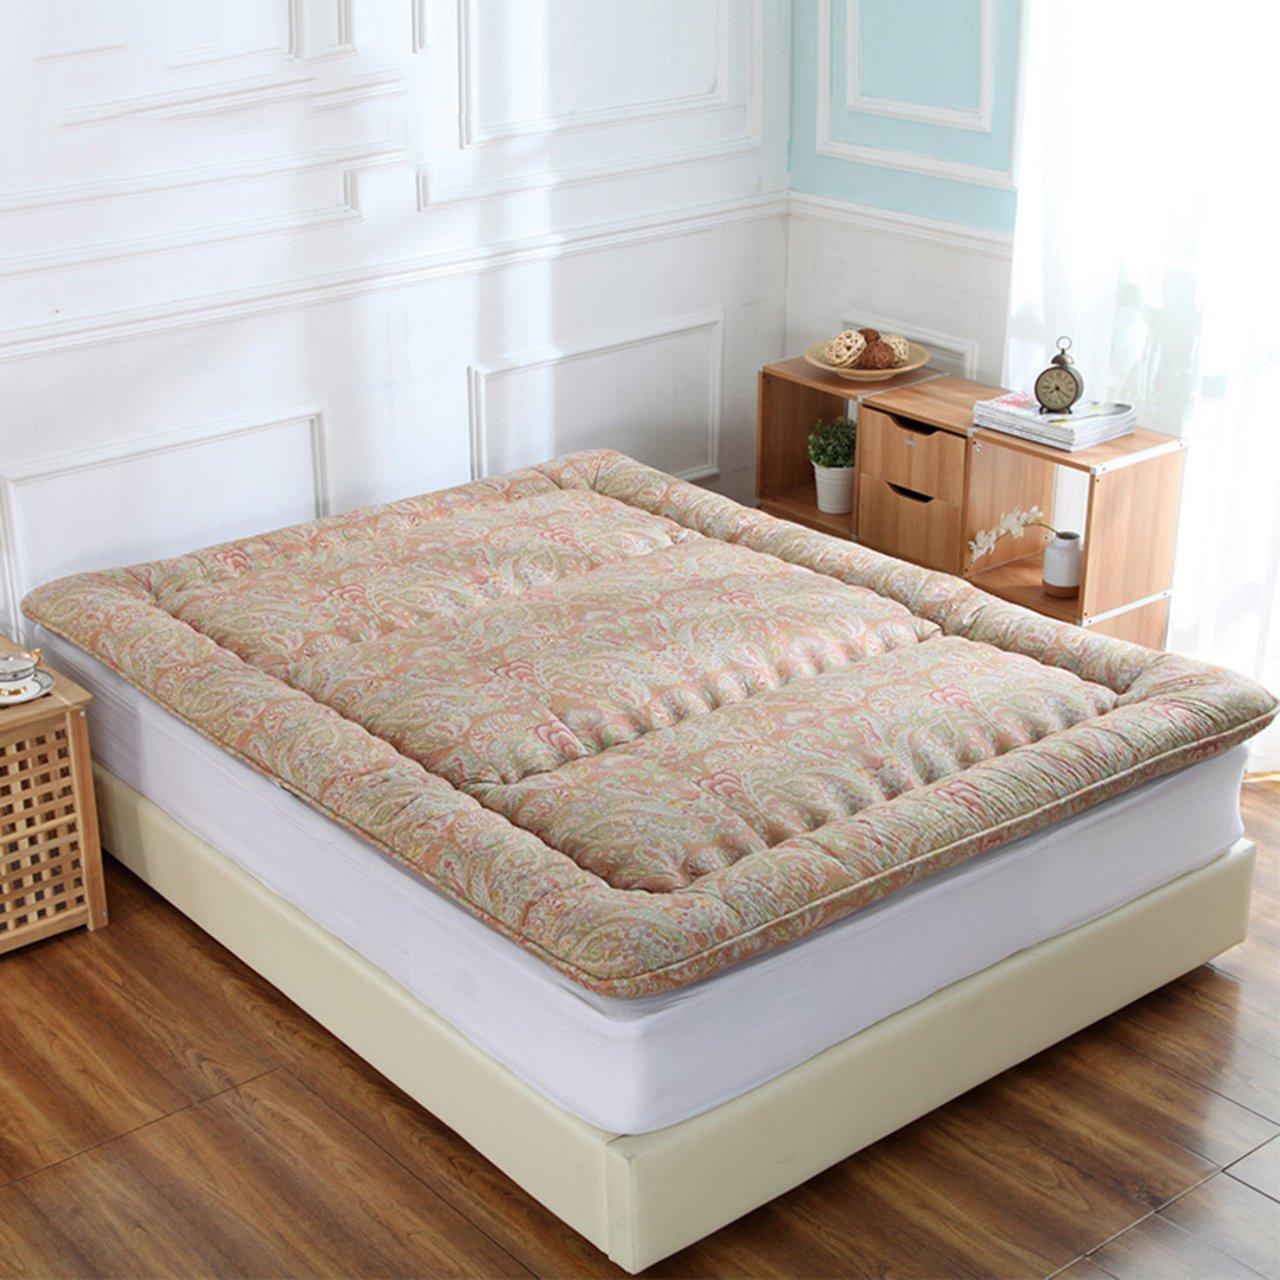 LWXTY Tatami futon-matratze Topper, Faltbare sitzkissen matten halten warm und wasserfest Gesteppte tragbare pad kriechenden isomatte-A 180x200cm(71x79inch)